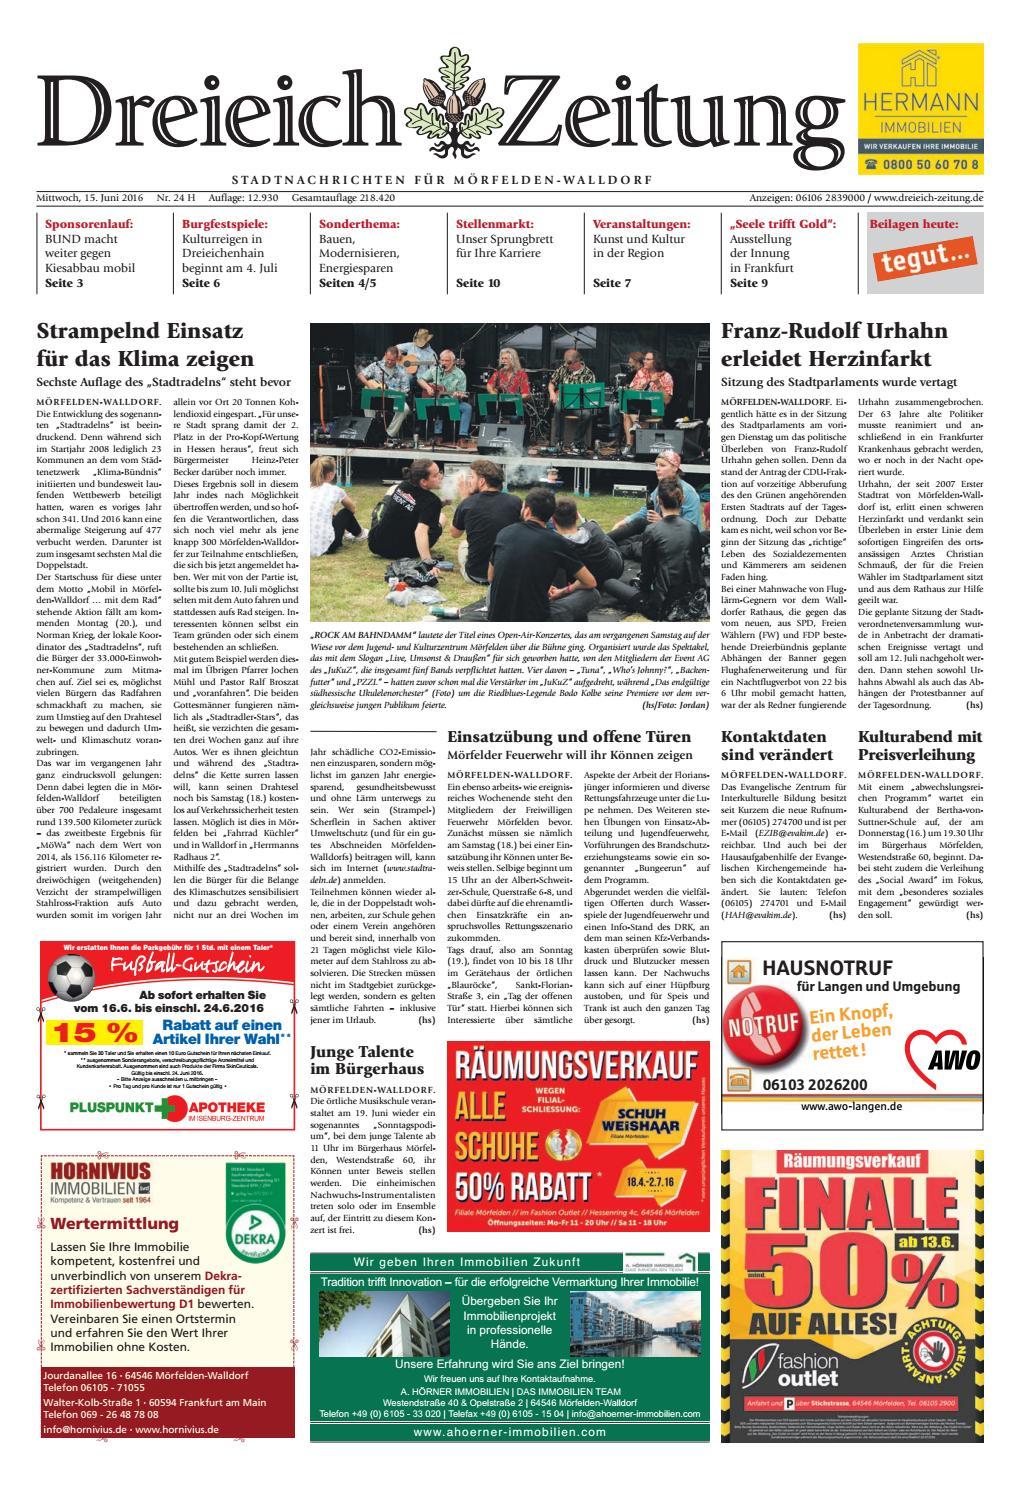 23+ Dz online 8 8 h by Dreieich Zeitung/Offenbach Journal   issuu Kollektion